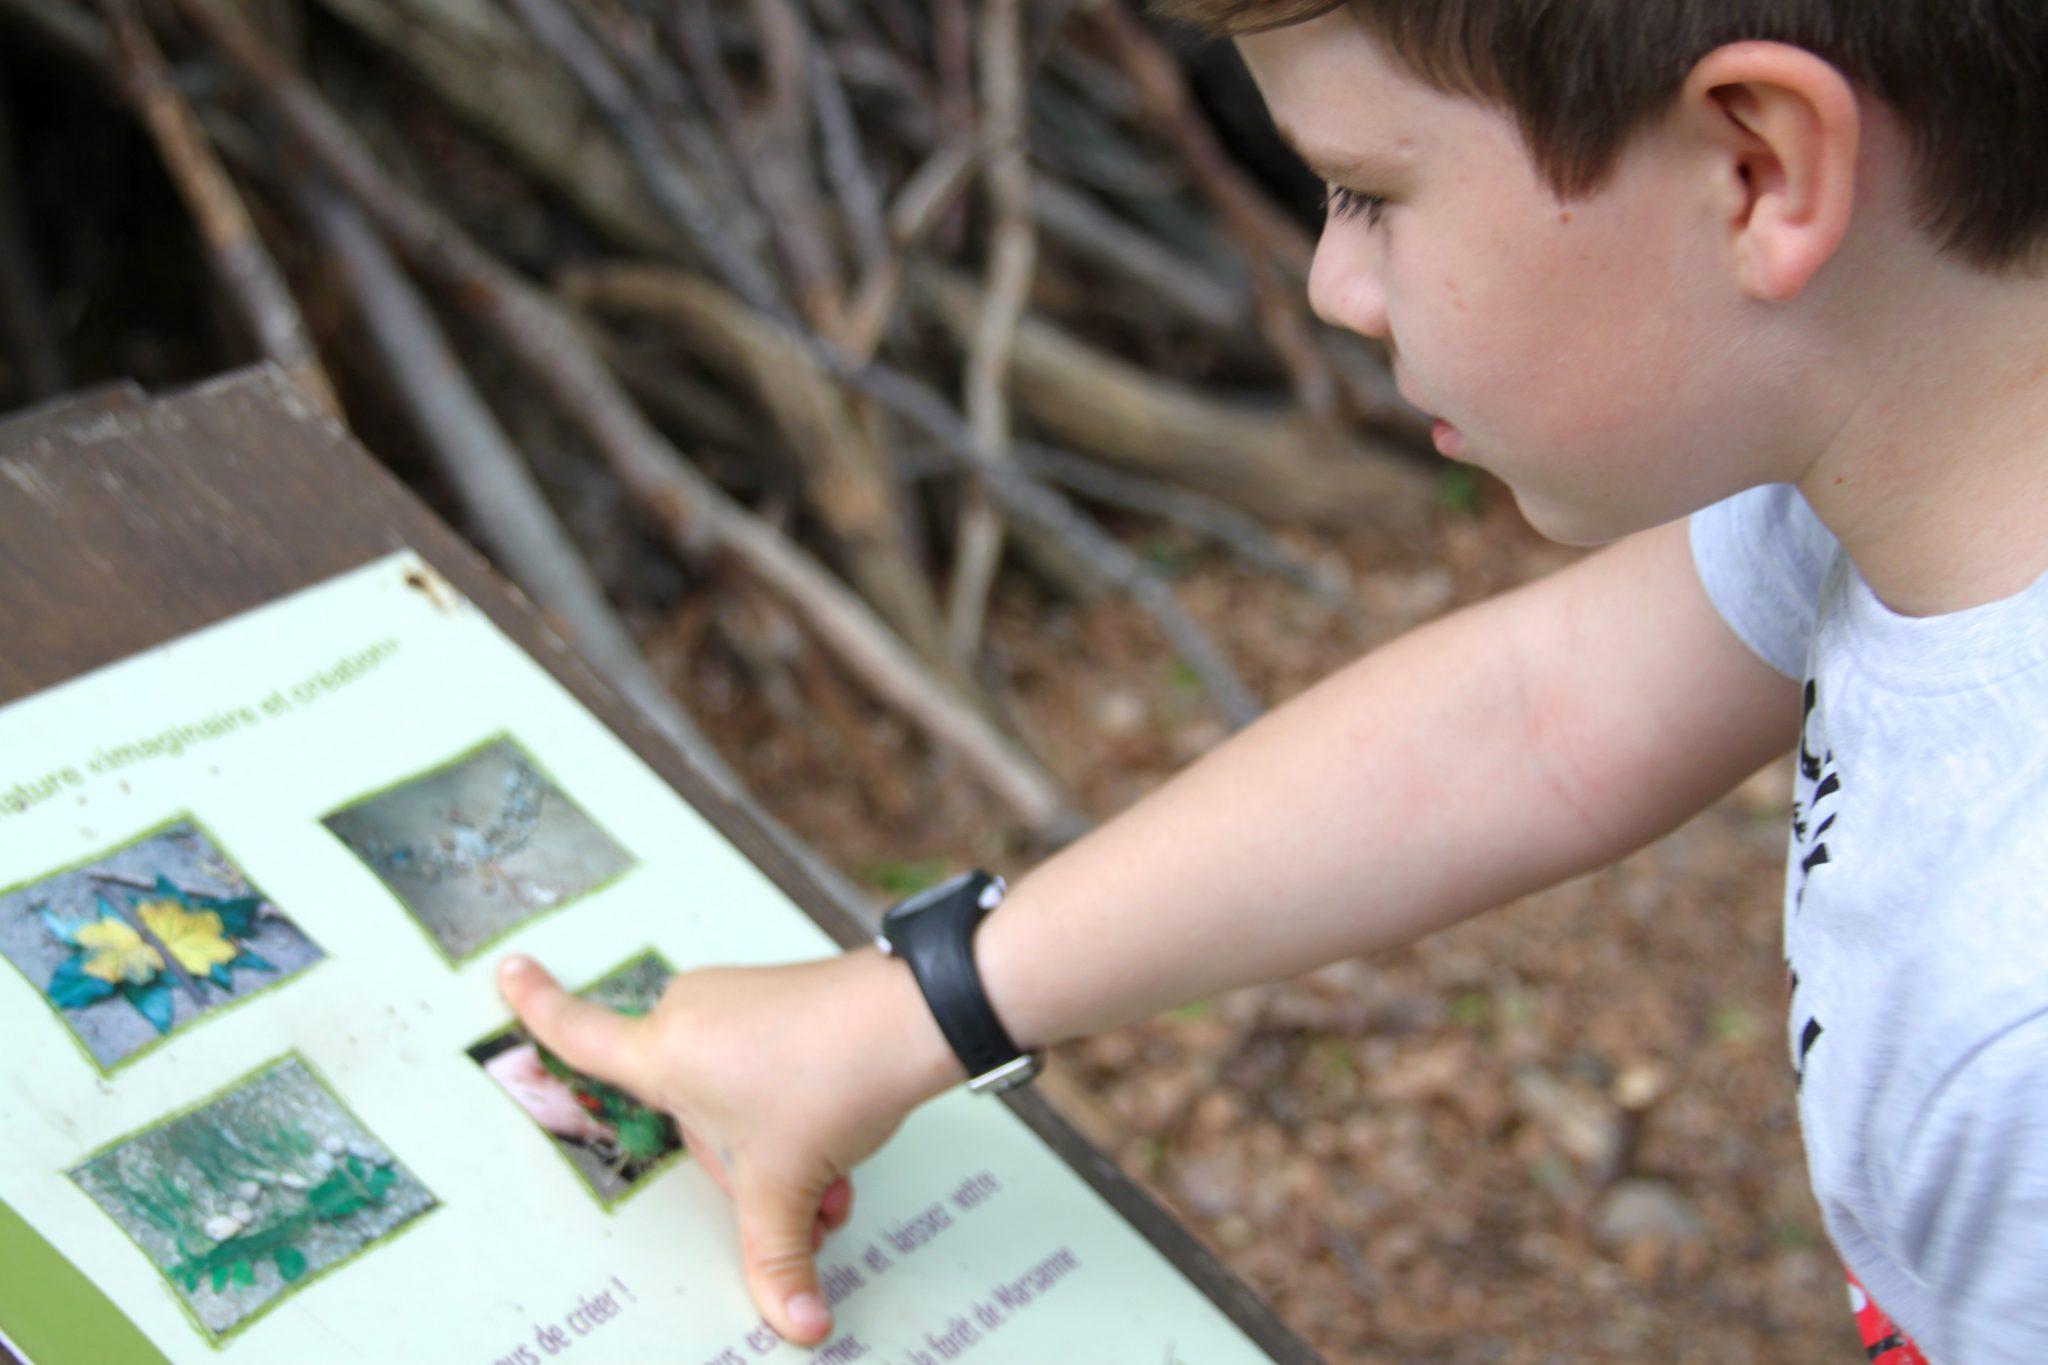 Plaquette pédagogique - Forêt de Marsanne parc des éoliennes ©SScorbiac